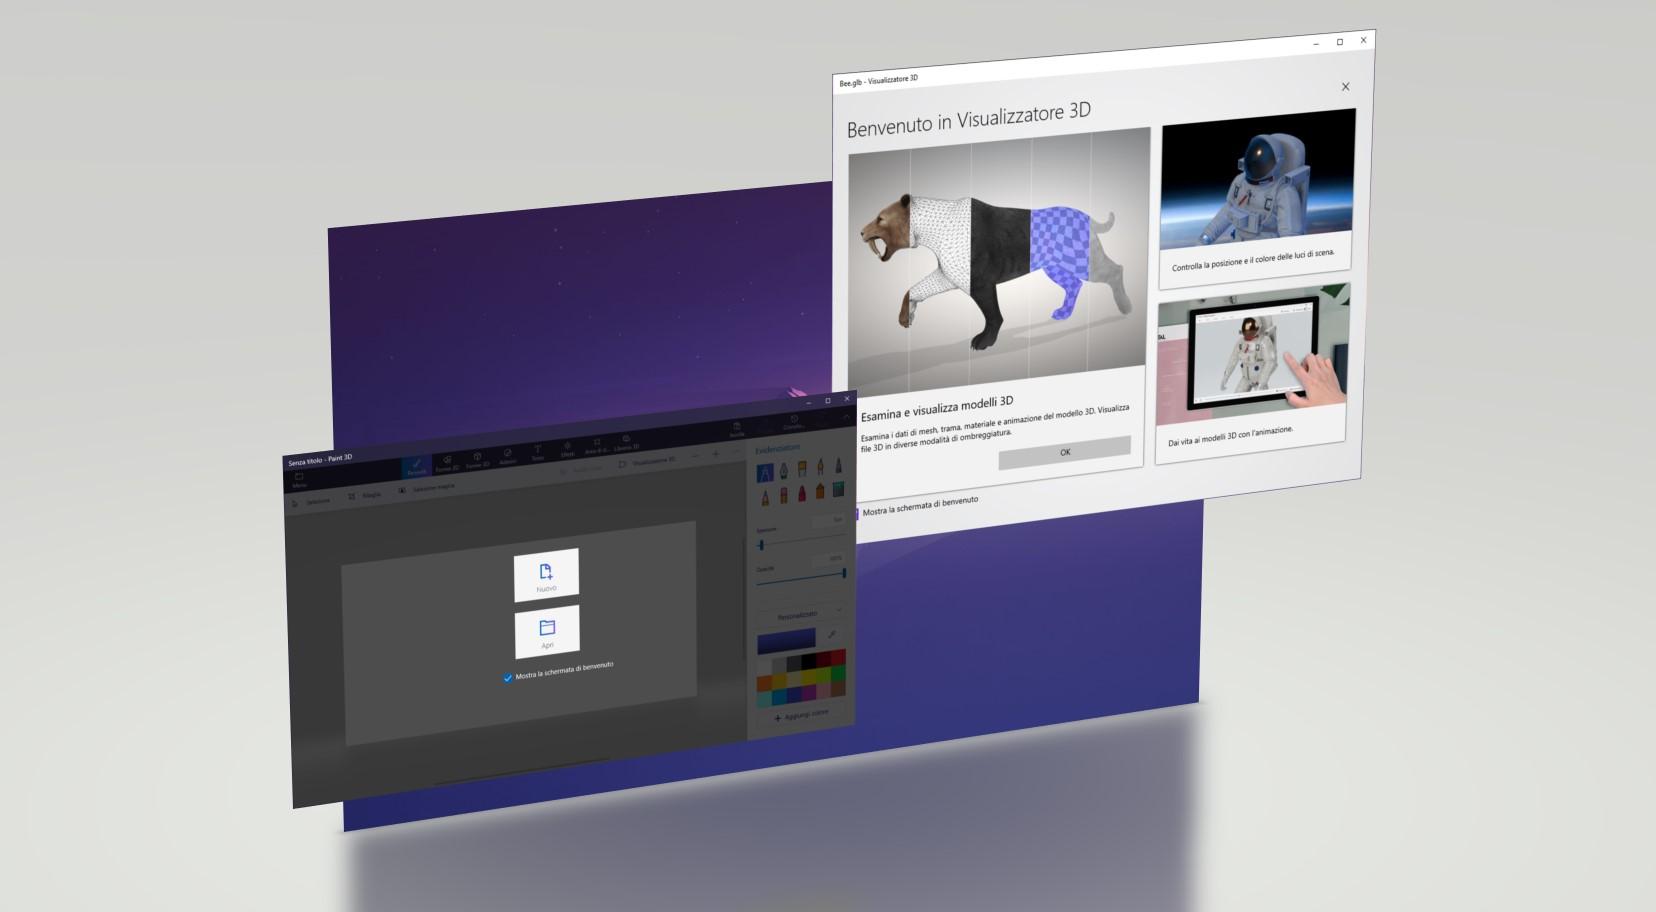 Paint 3D e 3D Viewer in Windows 10